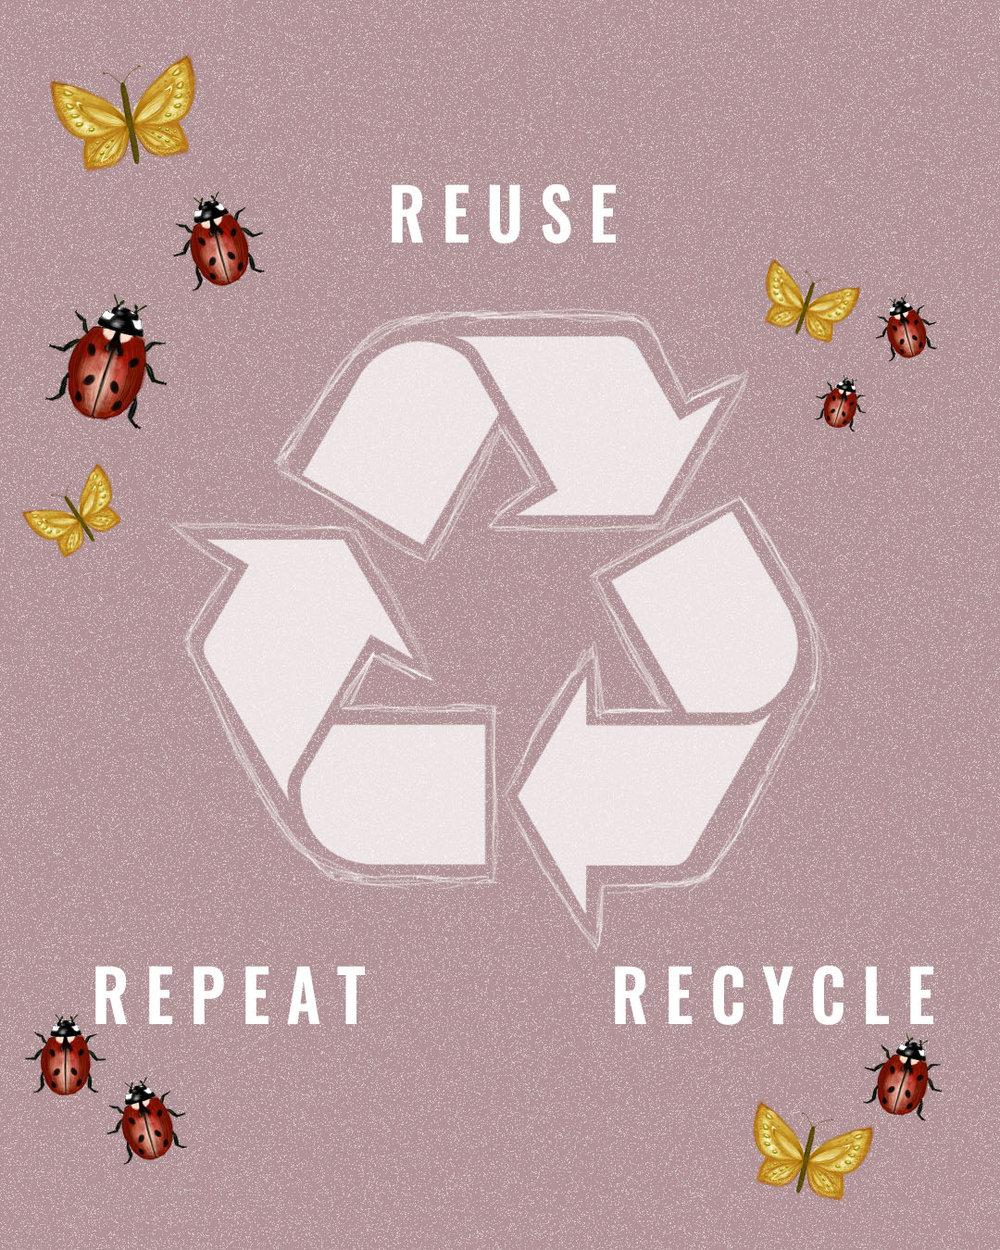 återvinna och återanvända- vi lär dig skillnaden -